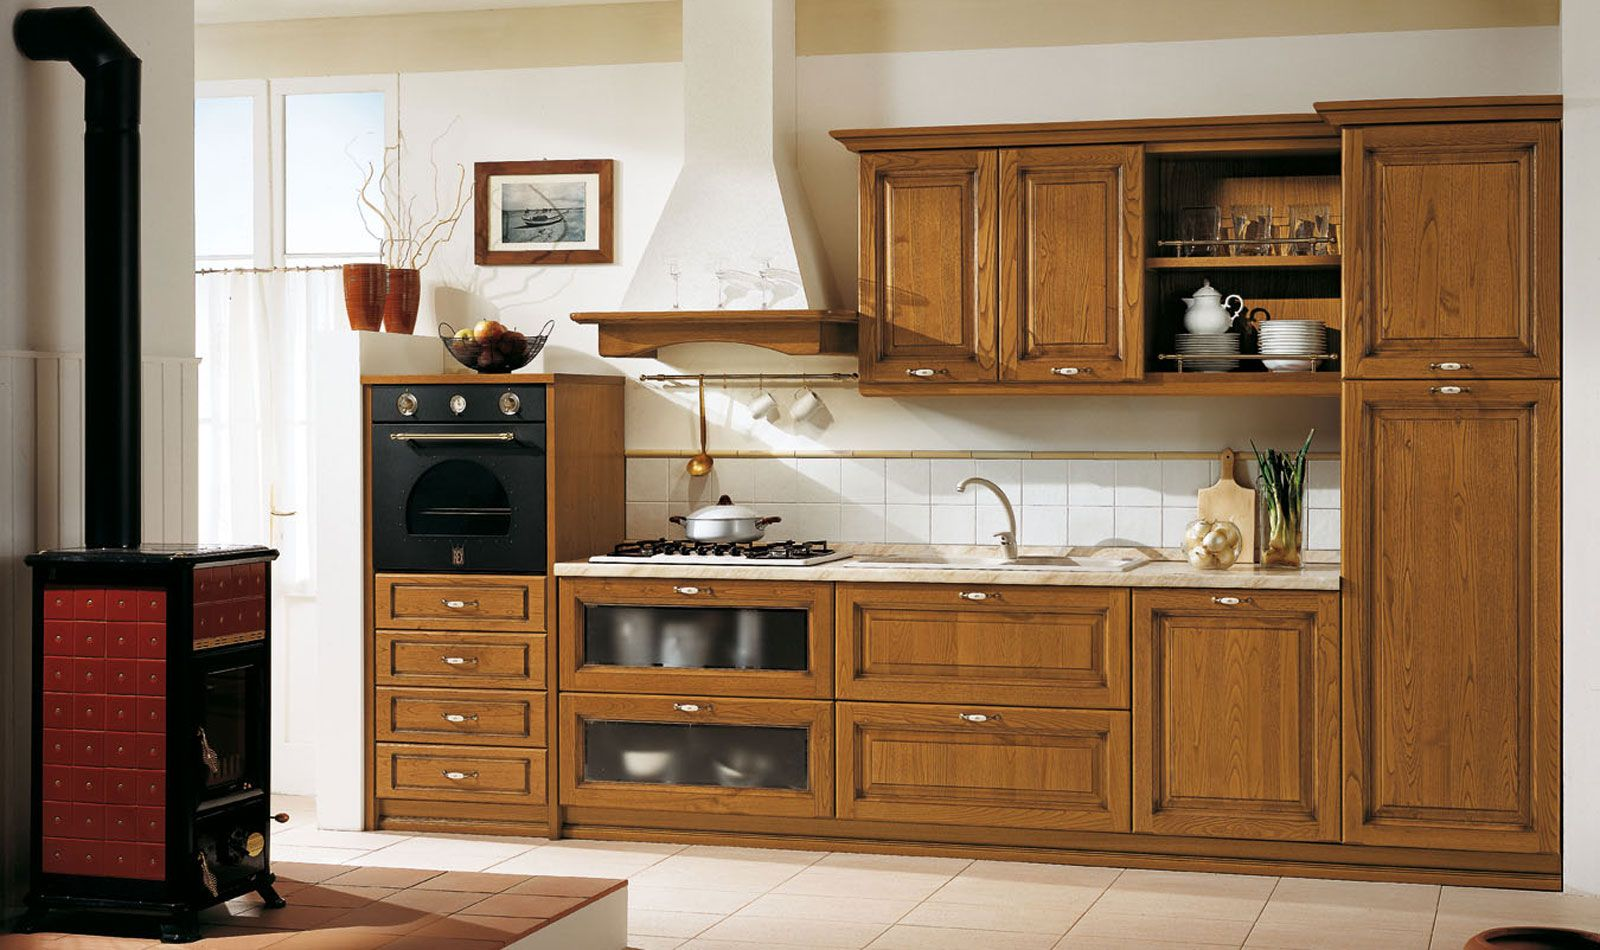 Arredo3 cucine moderne cucine classiche cucina cucine for Produzione cucine